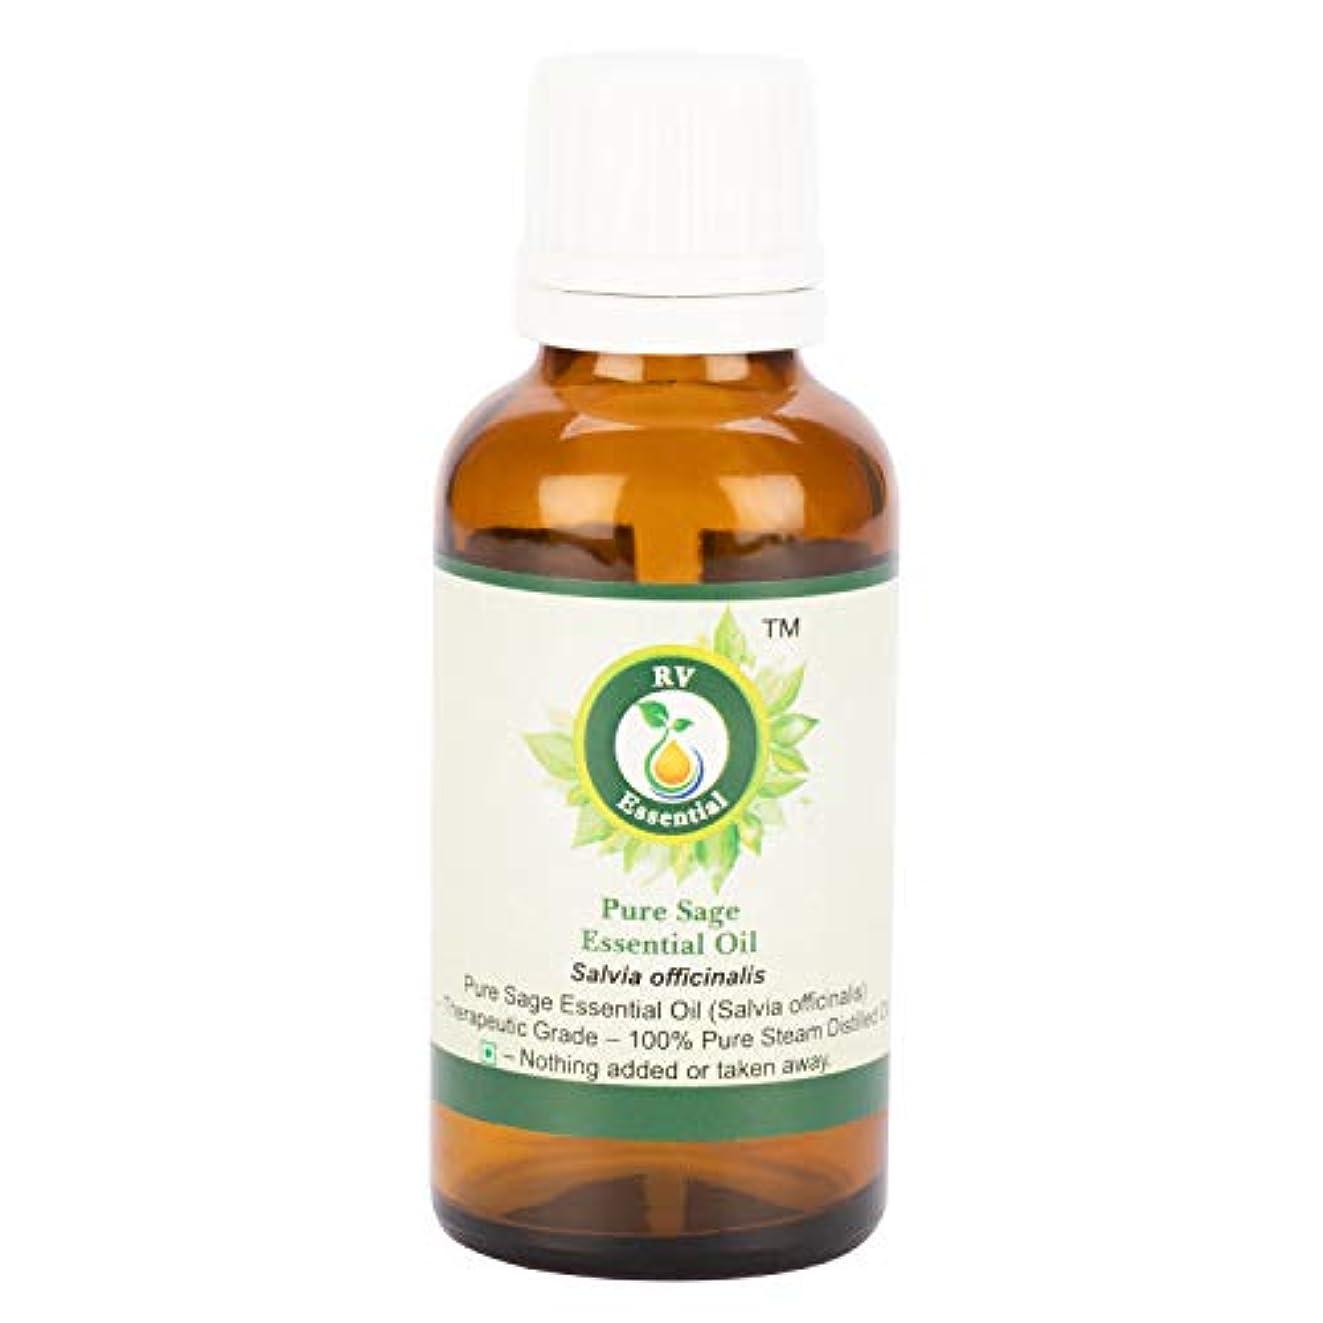 毎週インフルエンザ羊飼いピュアセージエッセンシャルオイル100ml (3.38oz)- Salvia Officinalis (100%純粋&天然スチームDistilled) Pure Sage Essential Oil